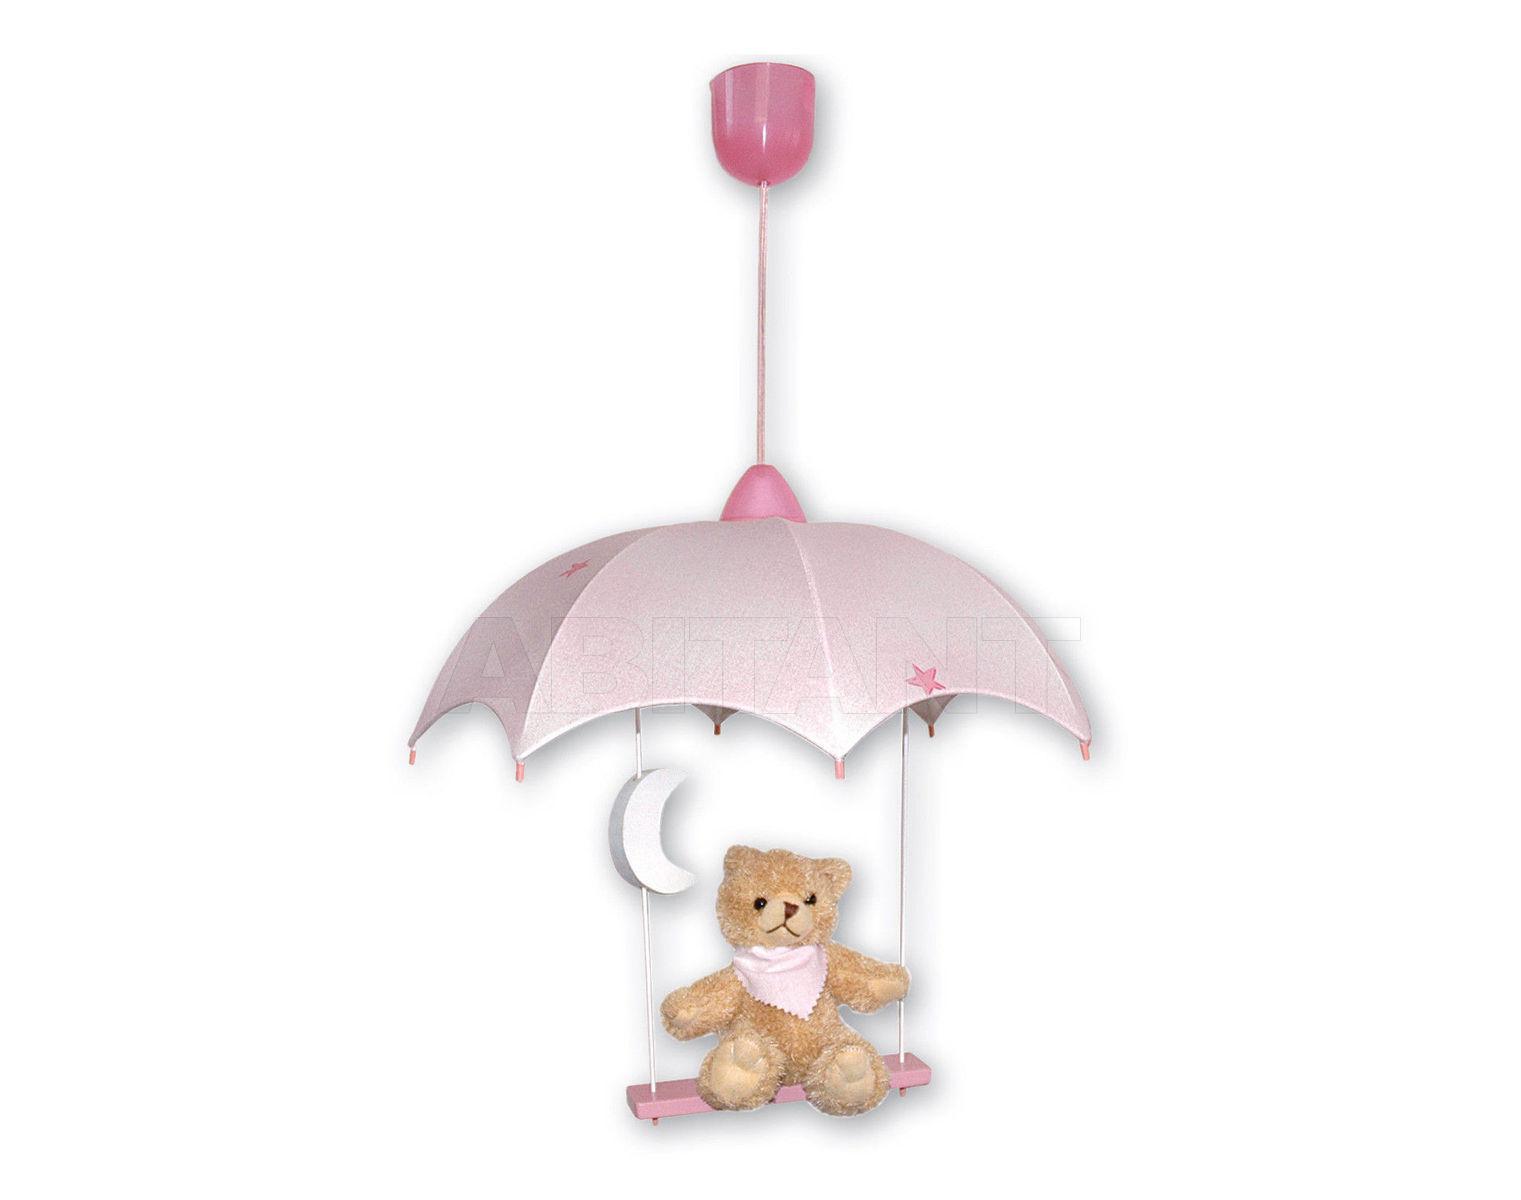 Купить Светильник для детской Waldi Leuchten Lampen Fur Kinder 2012 70337.0